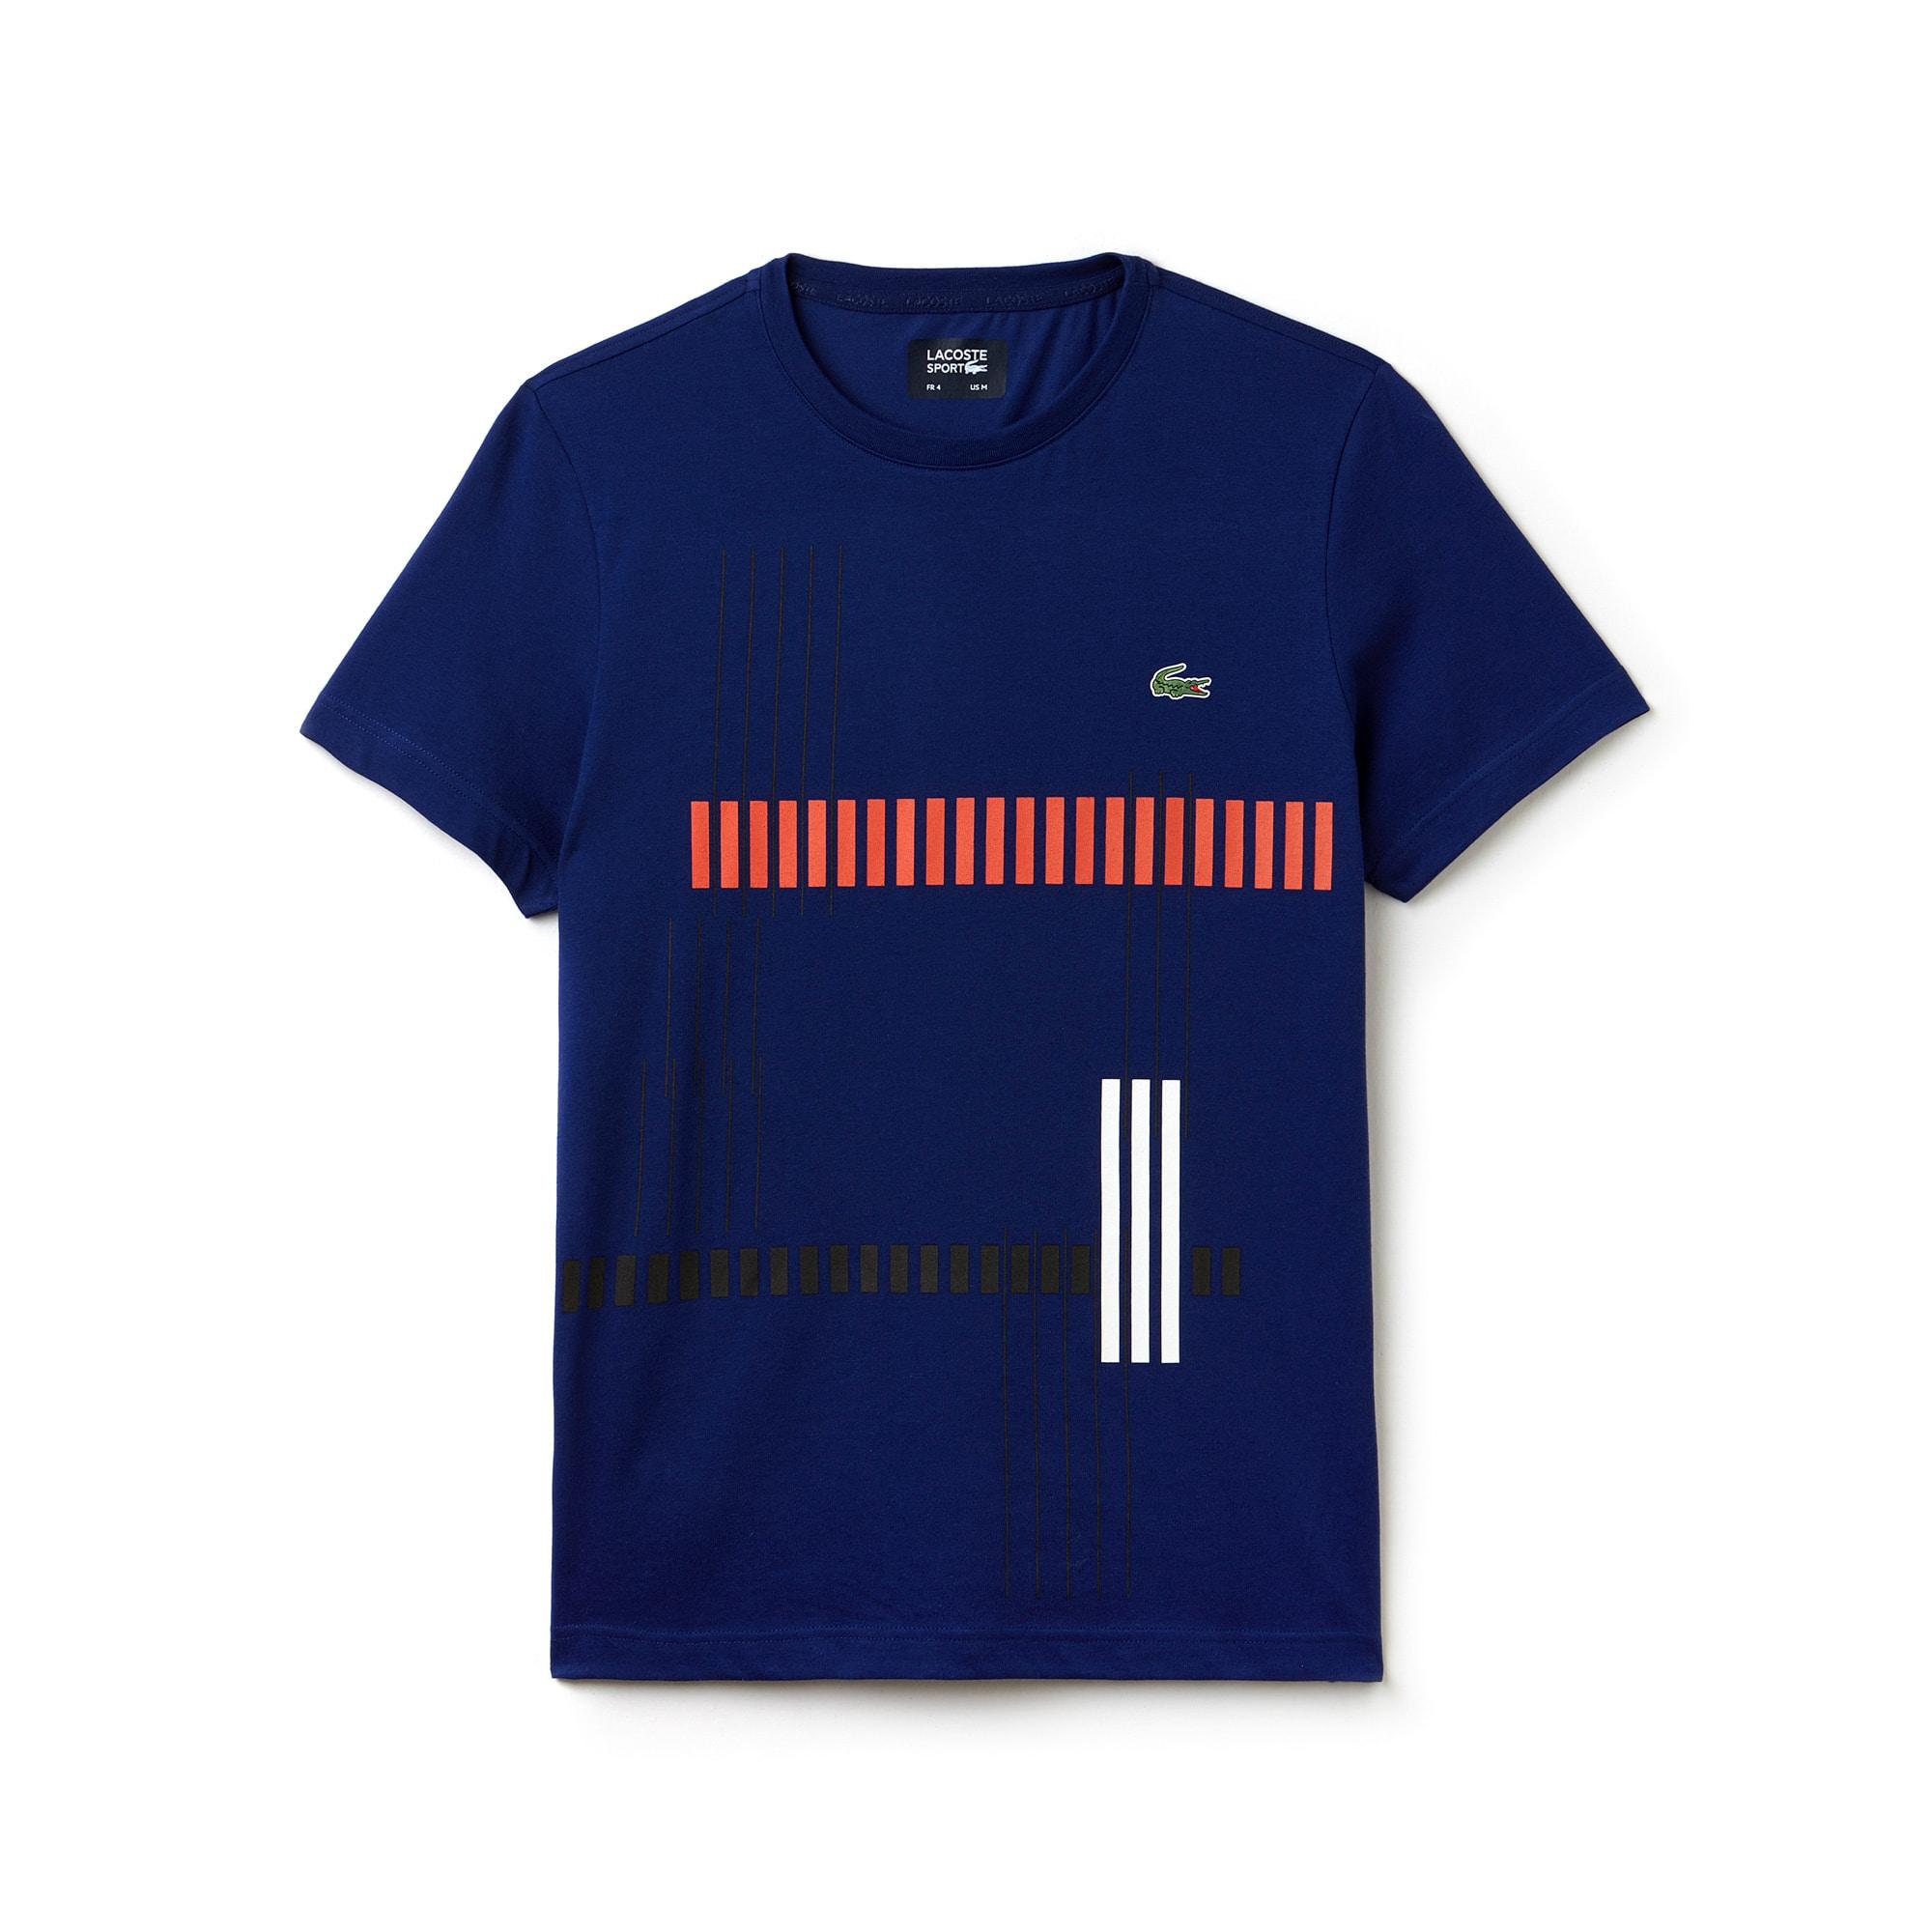 라코스테 Lacoste Mens SPORT Tennis Striped Design Tech Jersey T-shirt,navy blue / red / white / black